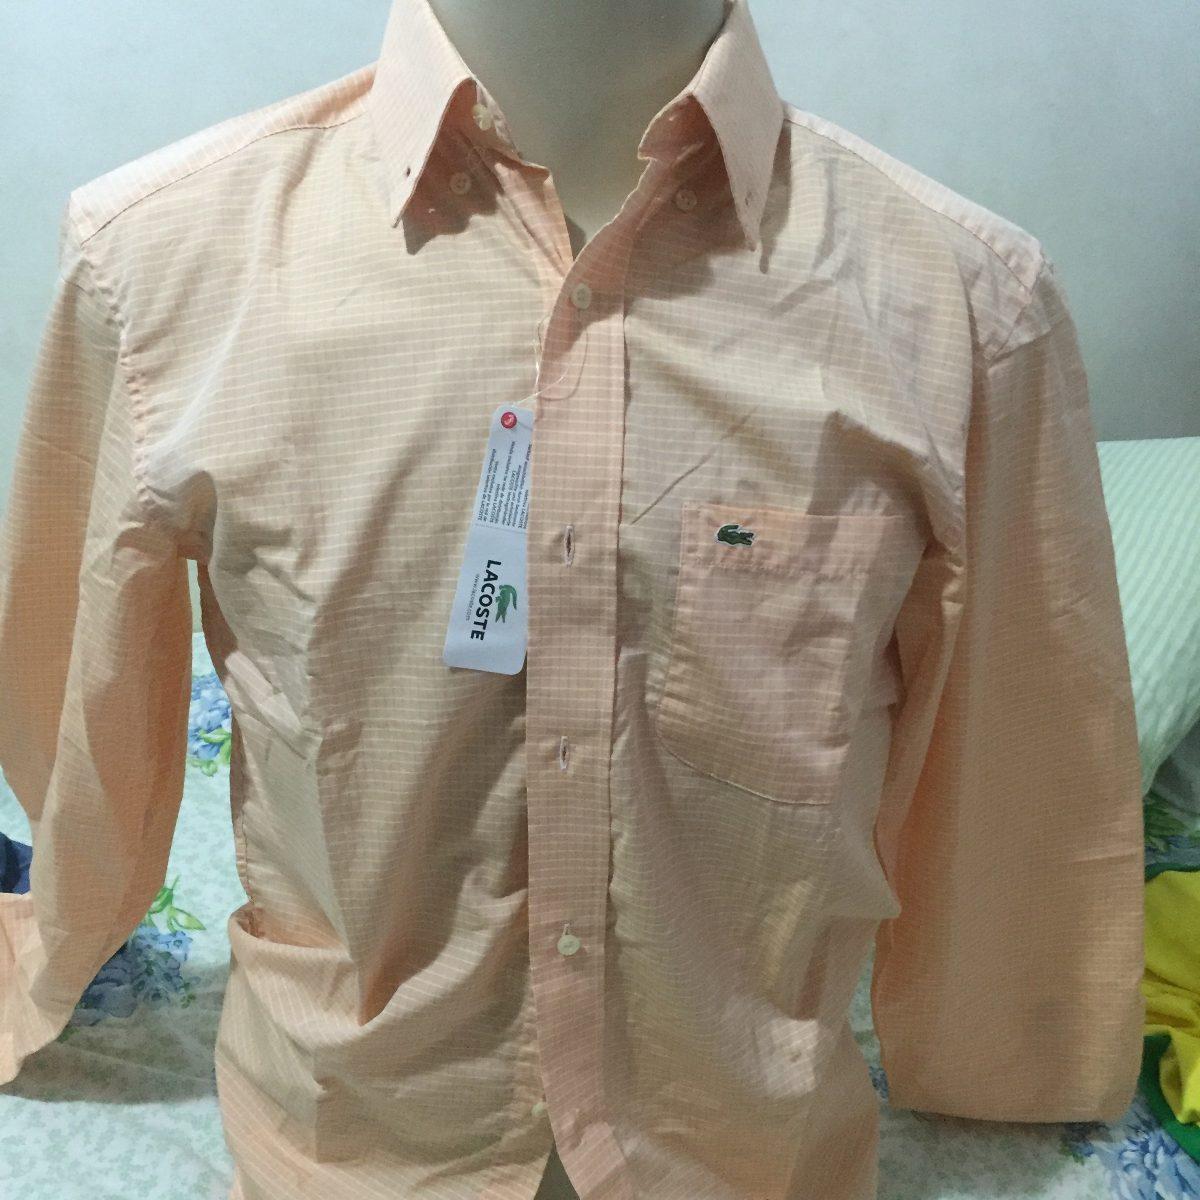 5680dbbd7e310 camisa social lacoste manga longa, original tamanho 38 fit. Carregando zoom.